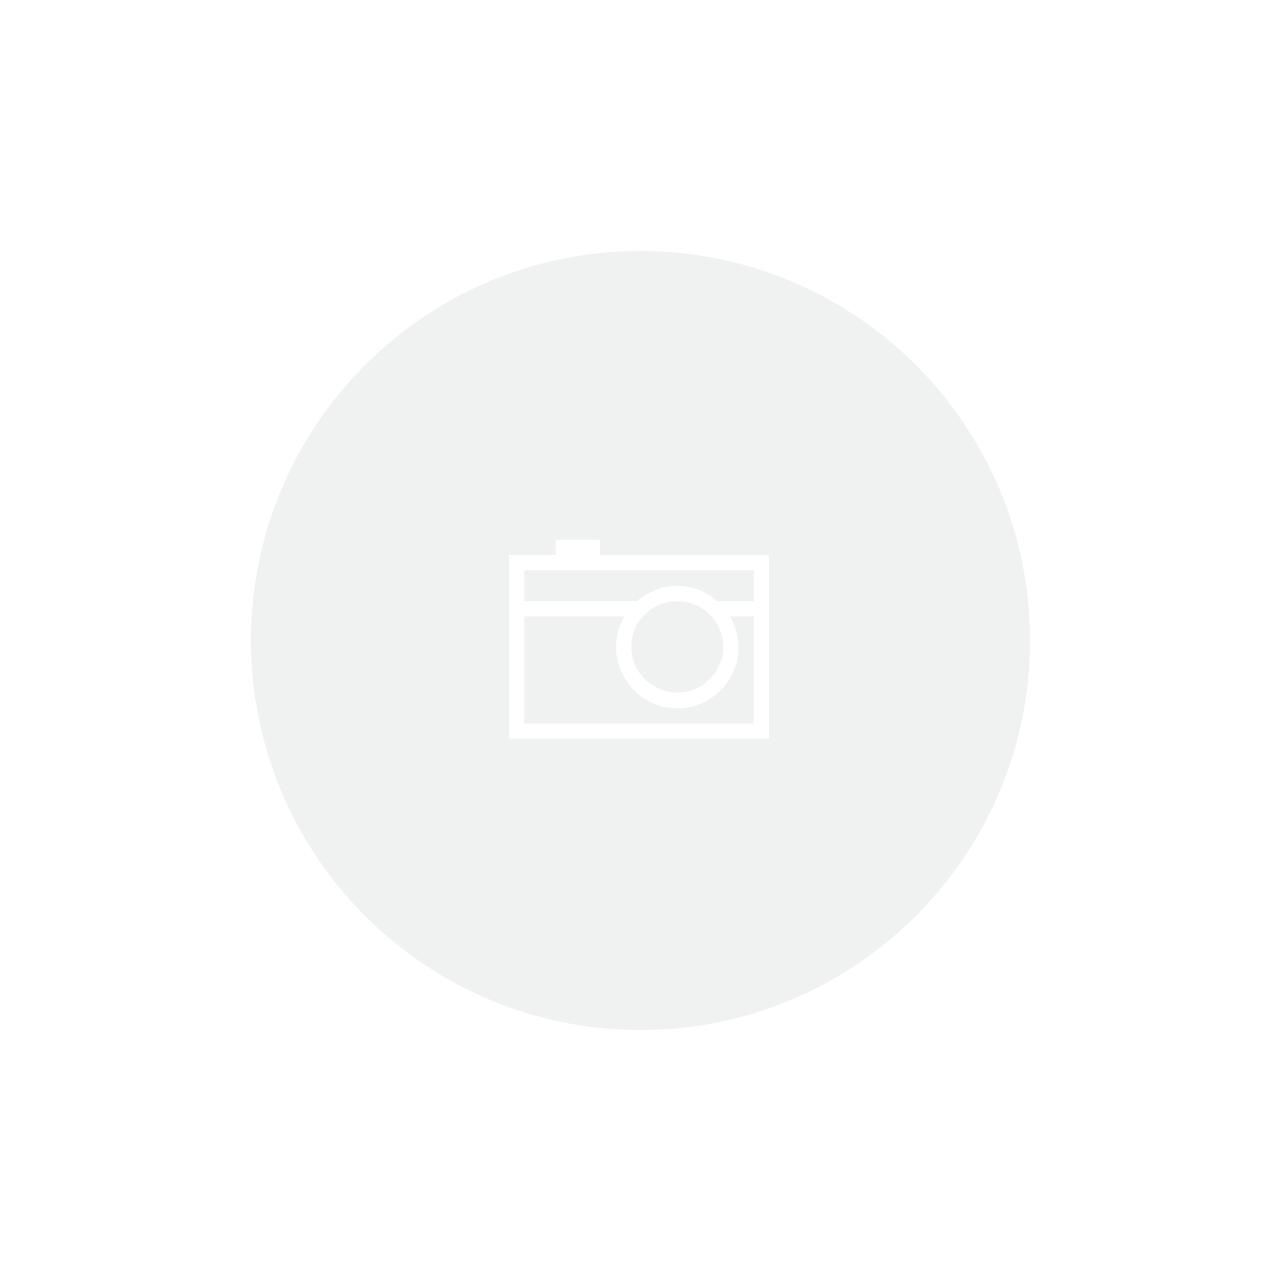 Garrafa Licor 1l Vidro Incolor